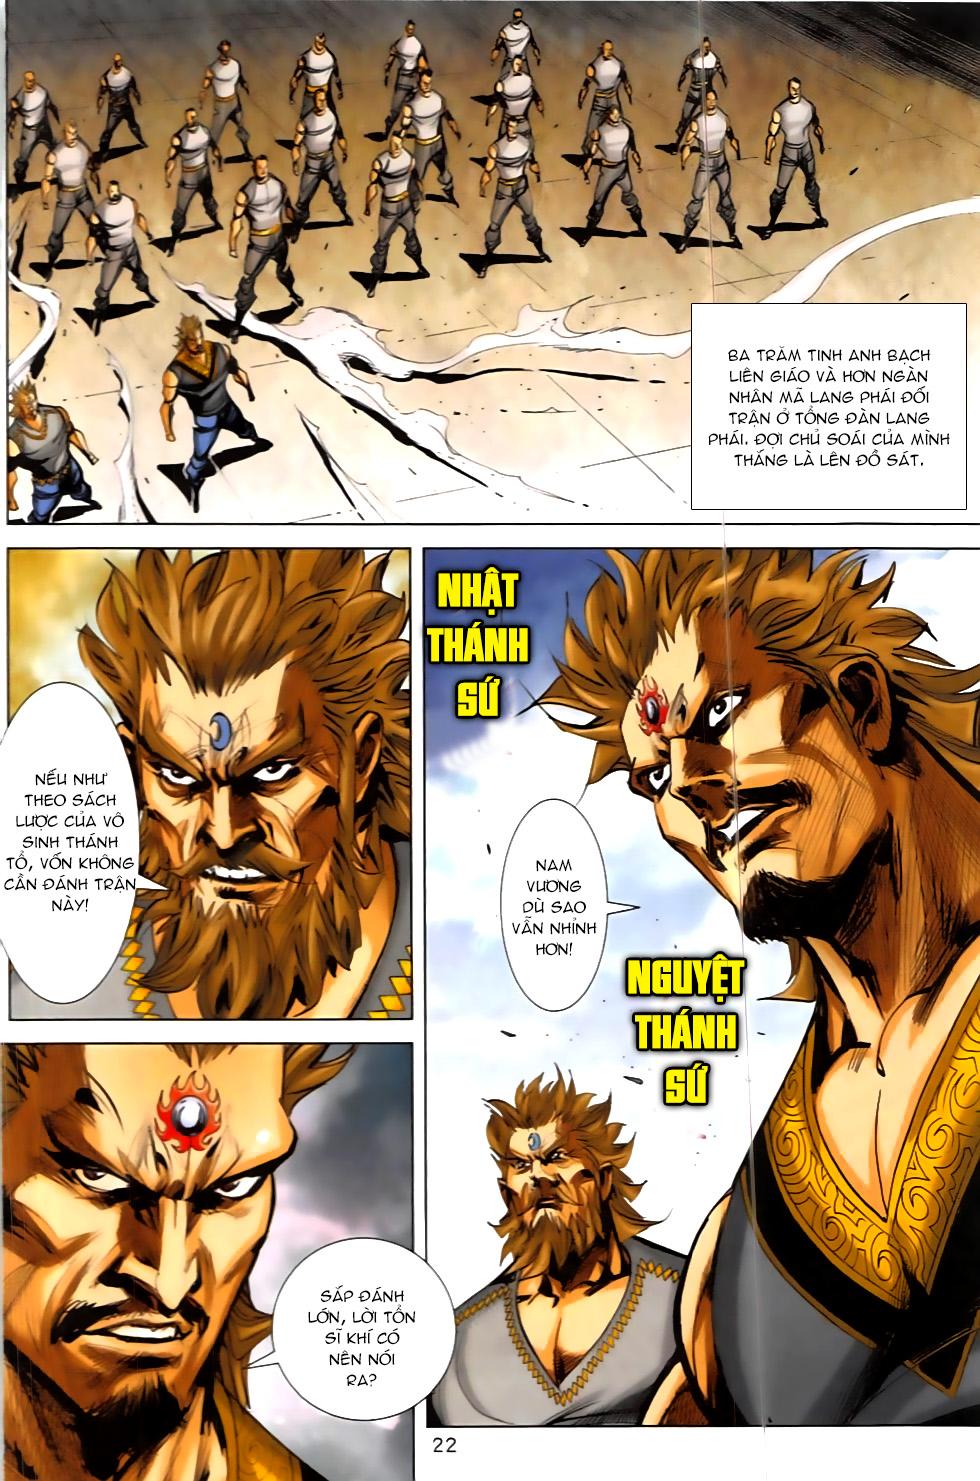 Hoàng Giả Chi Lộ Chap 5.1 - Next Chap 6